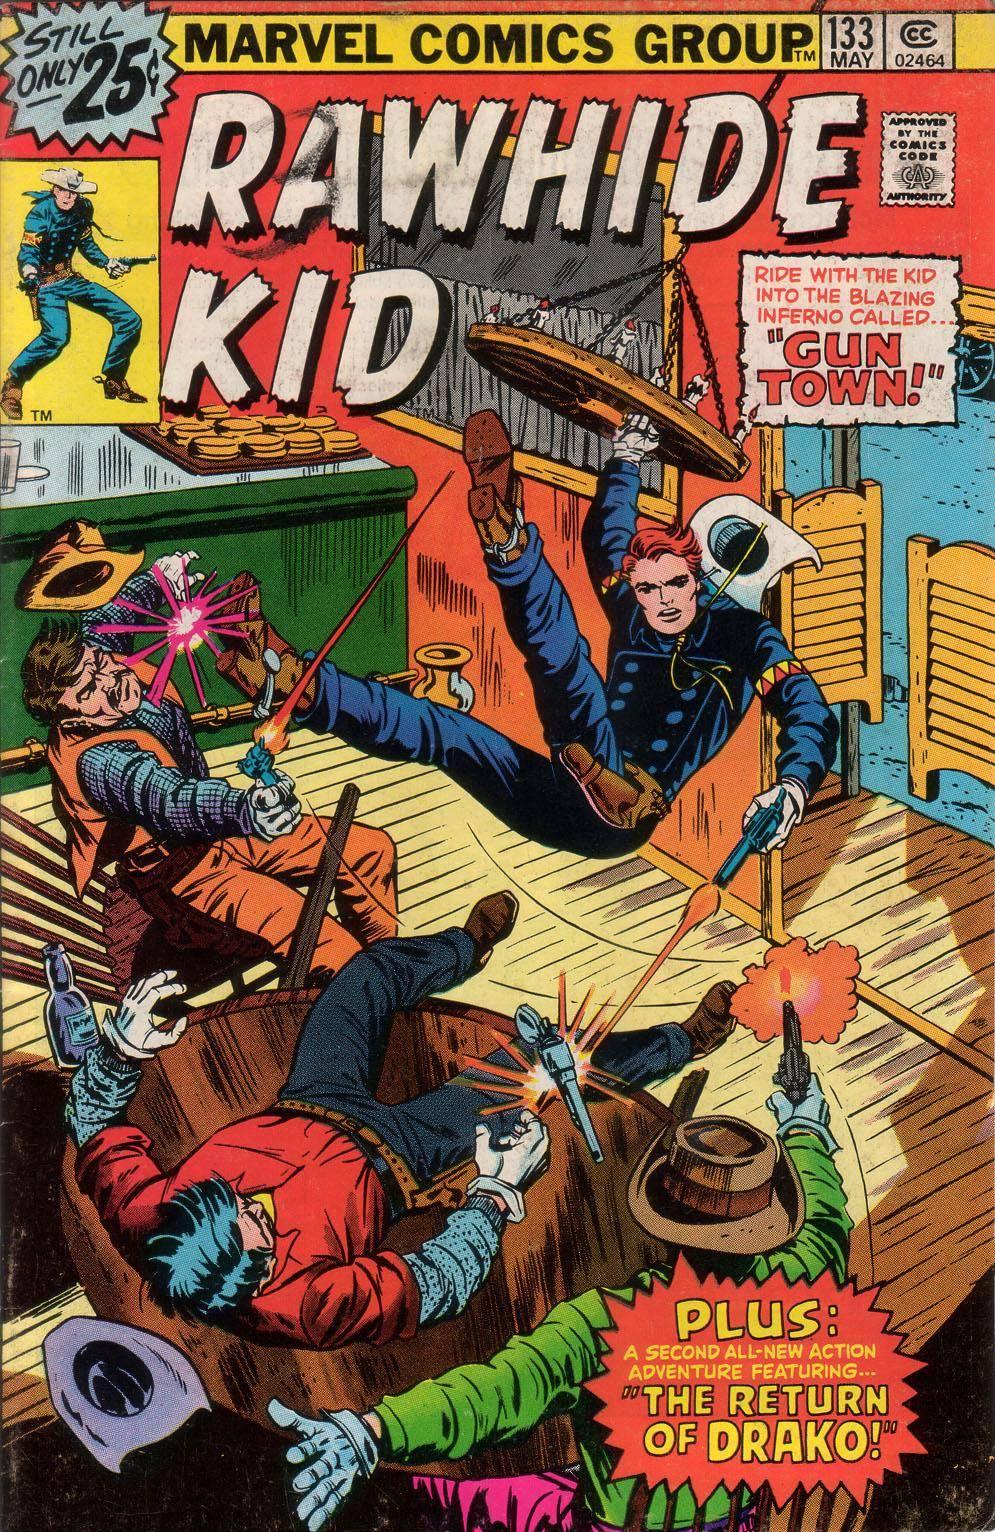 Rawhide Kid v1 133 1976